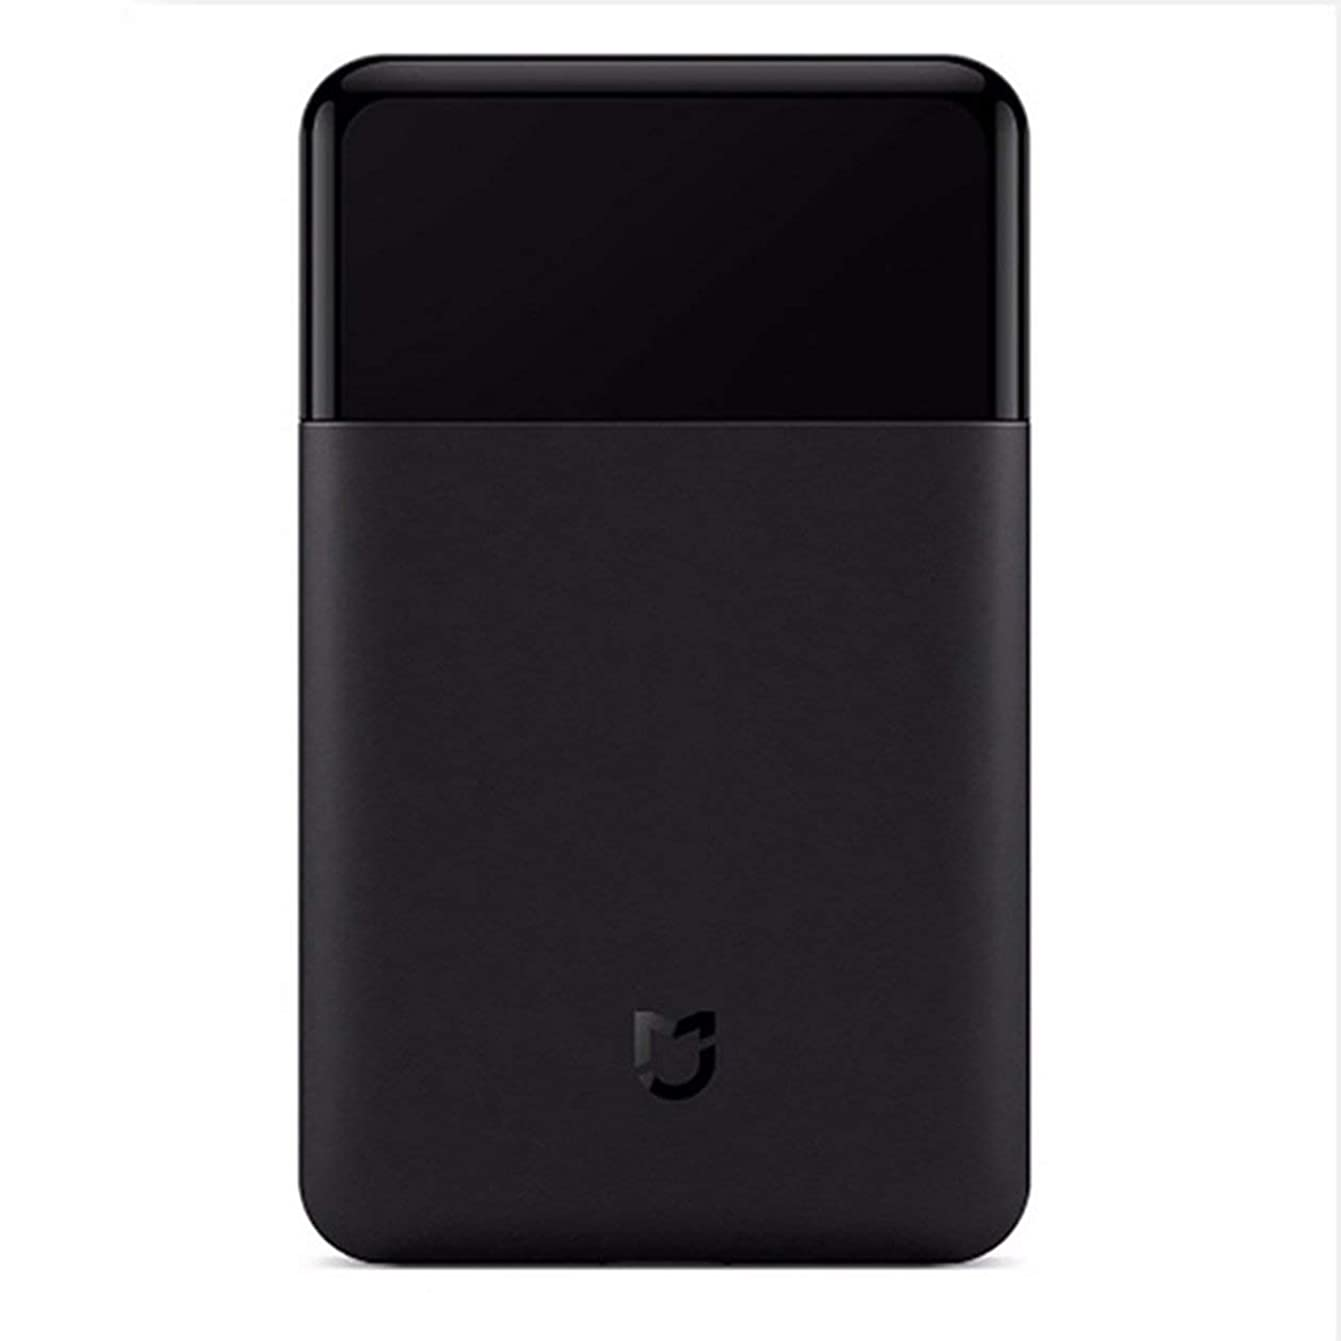 枝因子大聖堂Xiaomi Mijiaメンズ電気シェーバーカミソリ フルメタルボディ 日本ビット USBタイプC充電式トラベルシェーバー